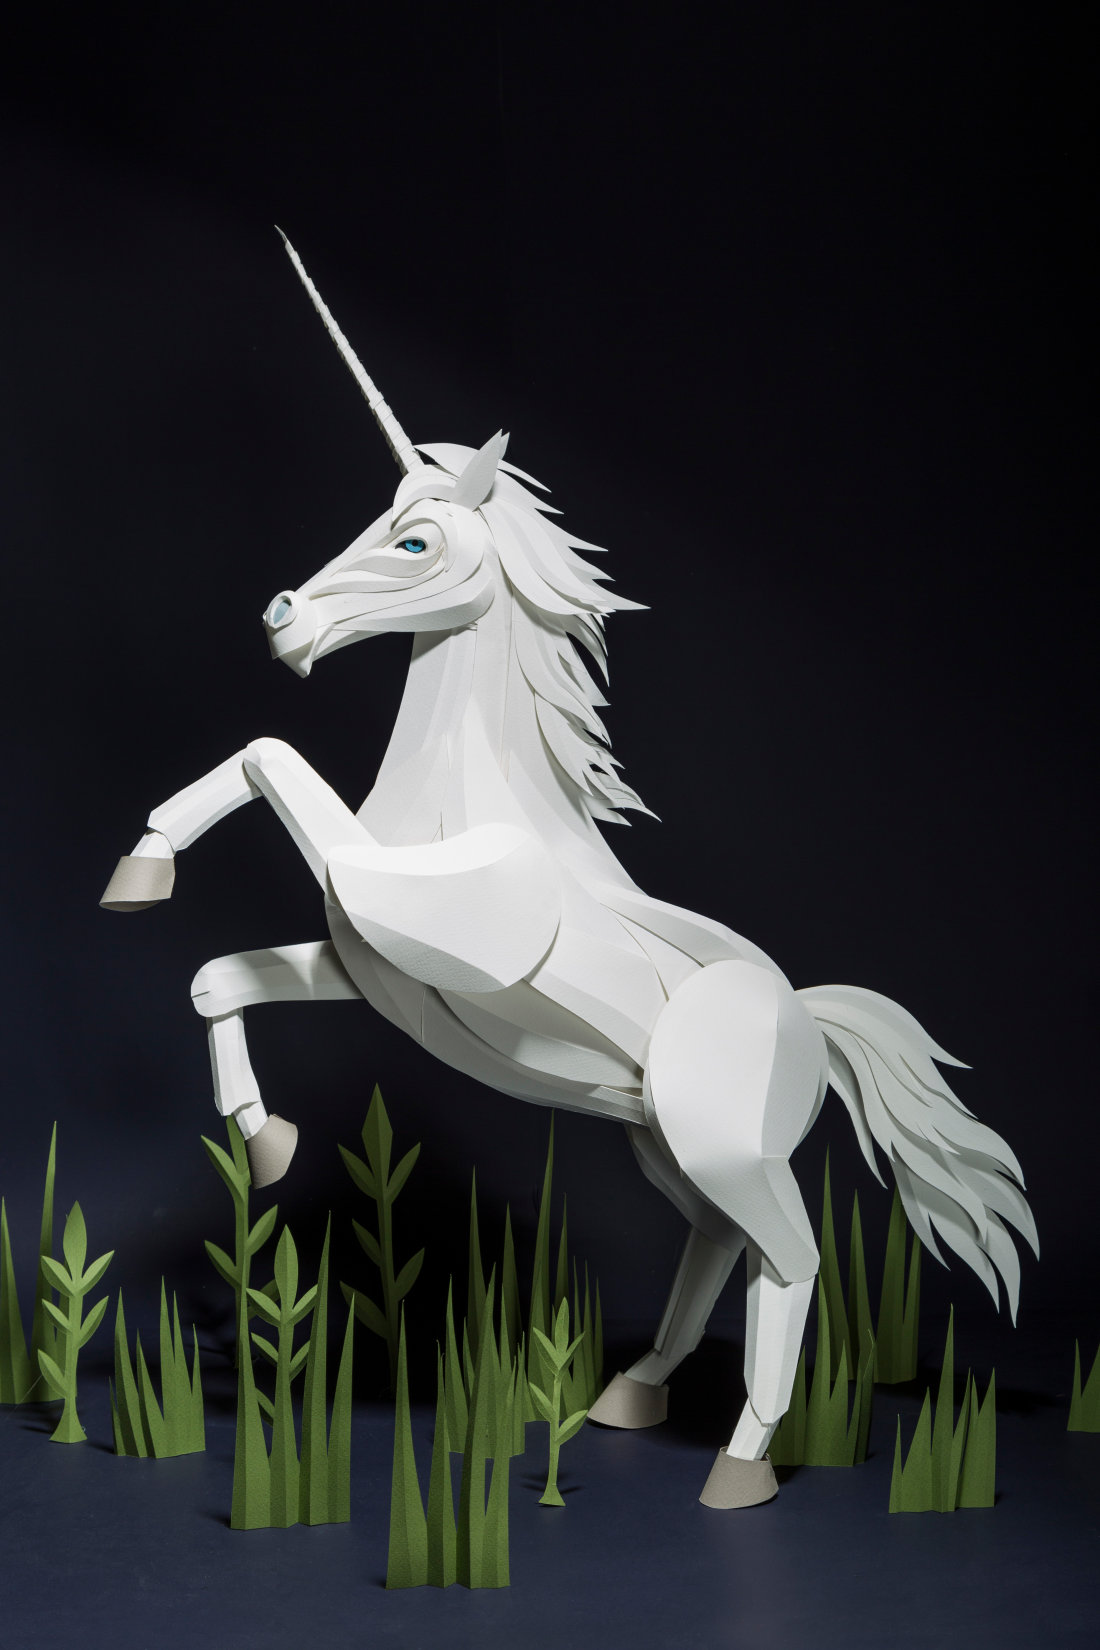 unicorn harry potter wiki fandom powered by wikia